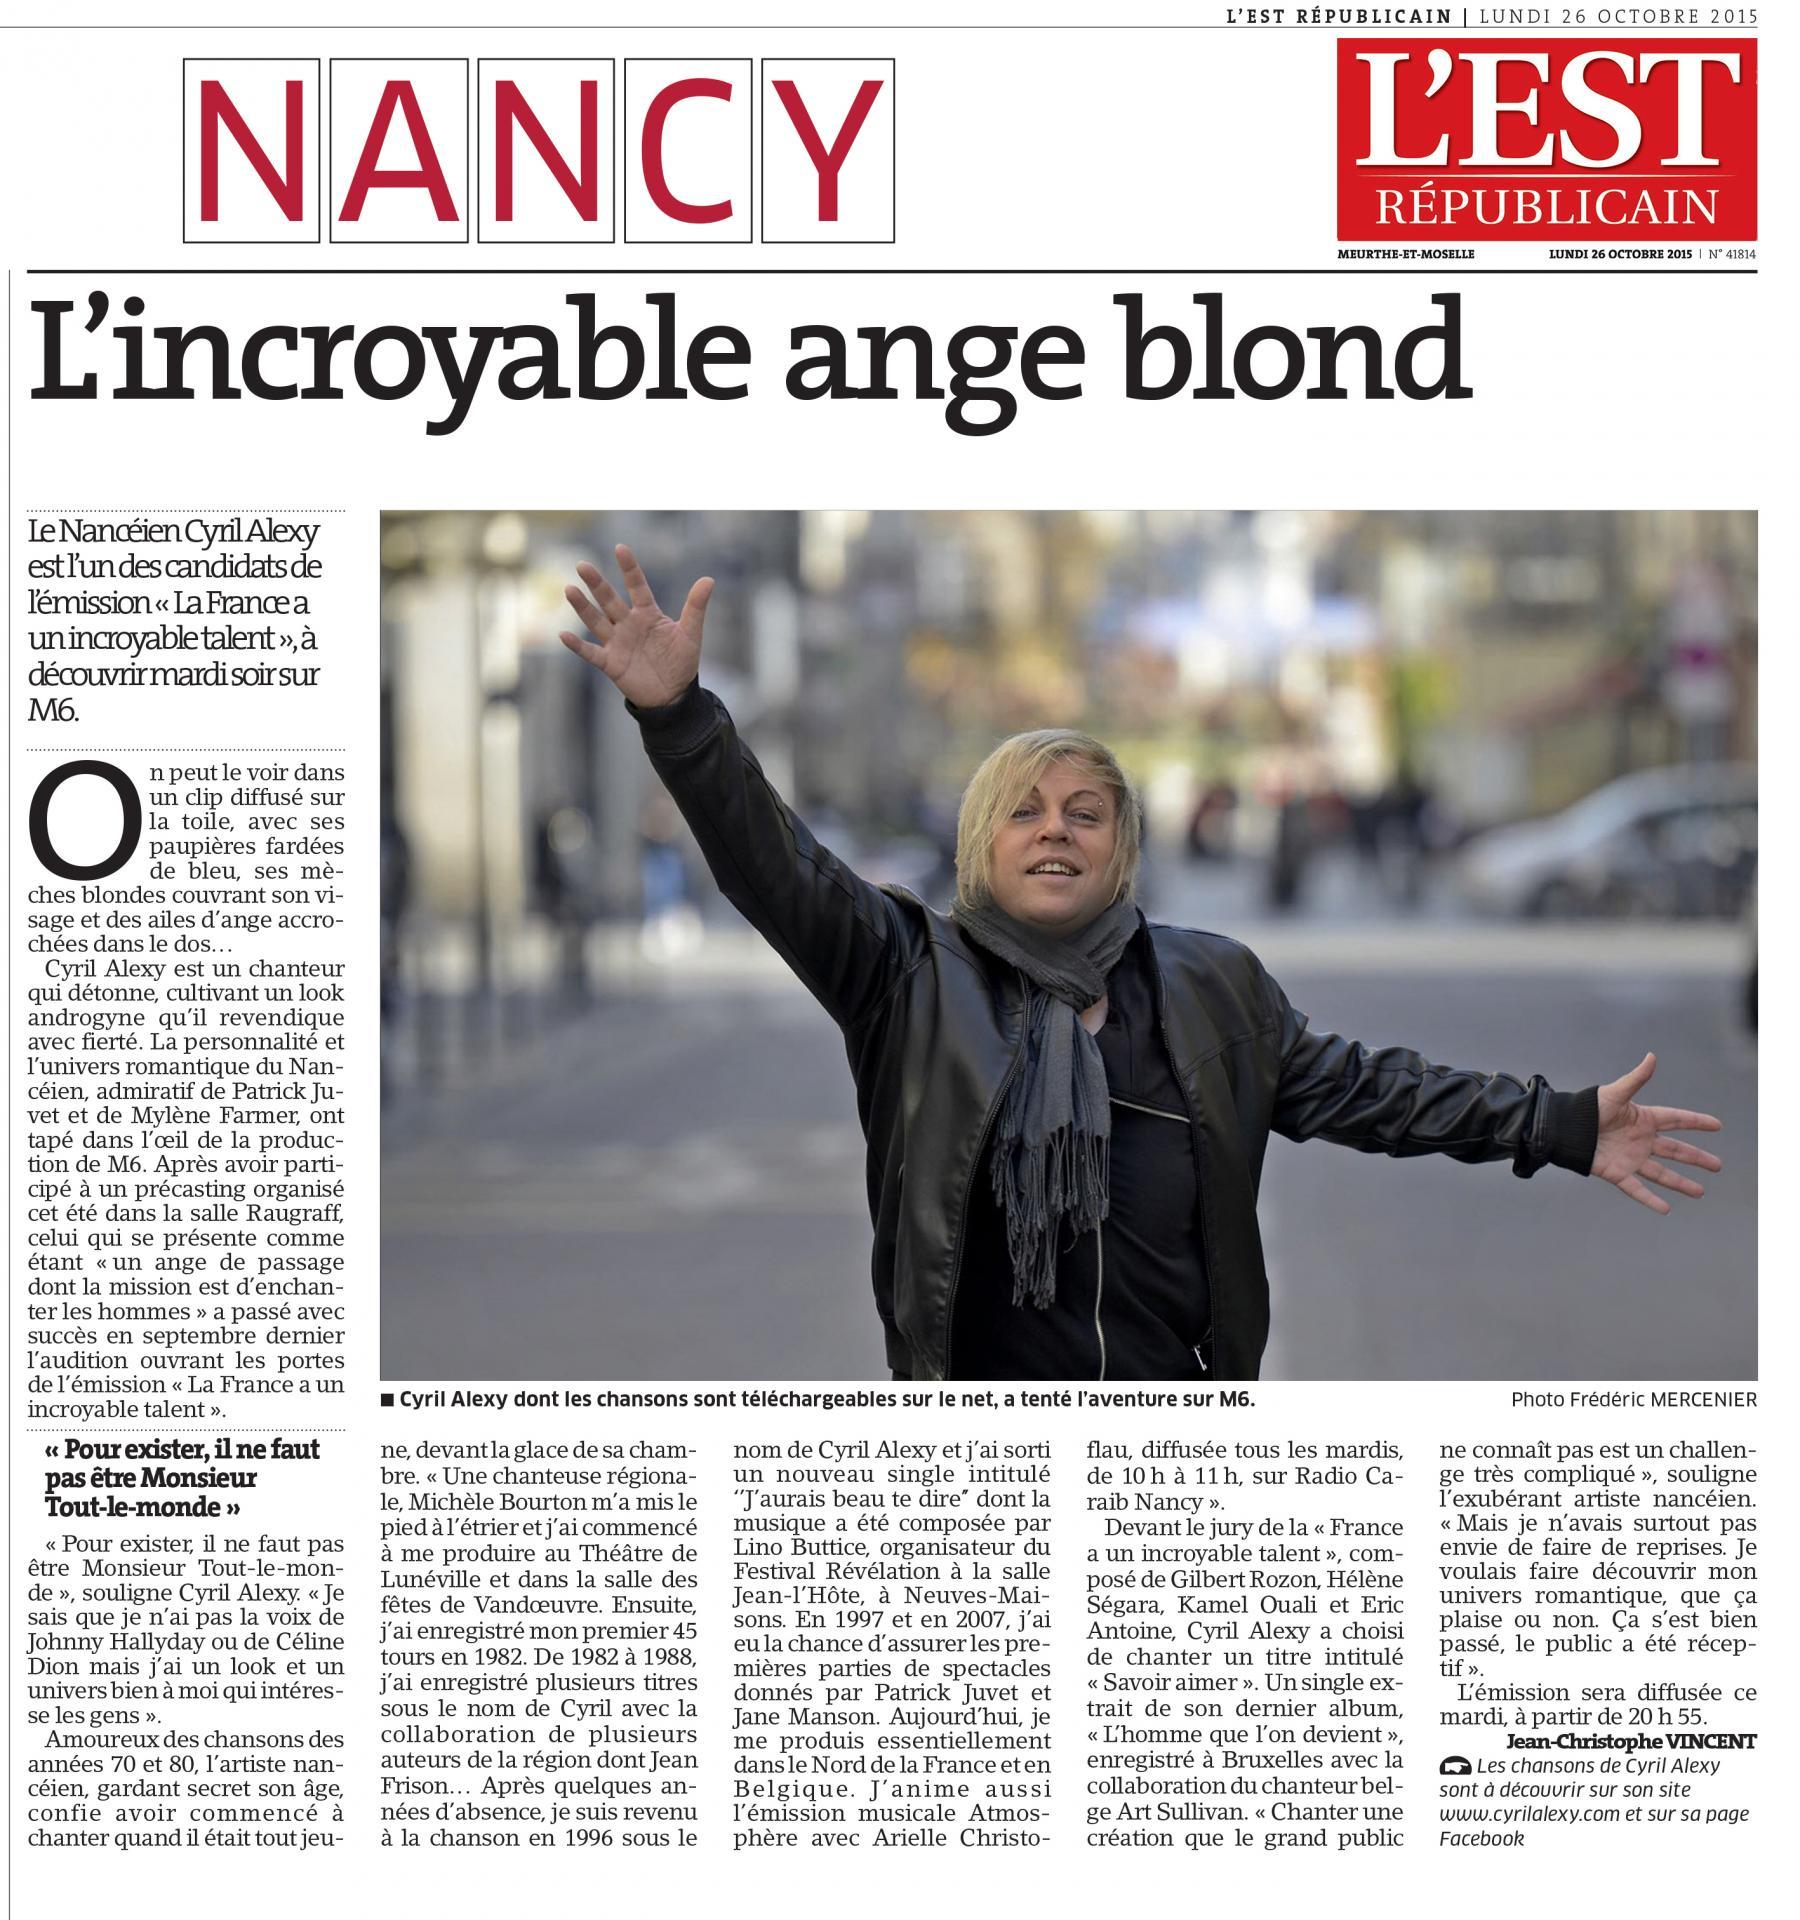 Pdf complet edition de nancy agglomeration et banlieues 20151026 3c